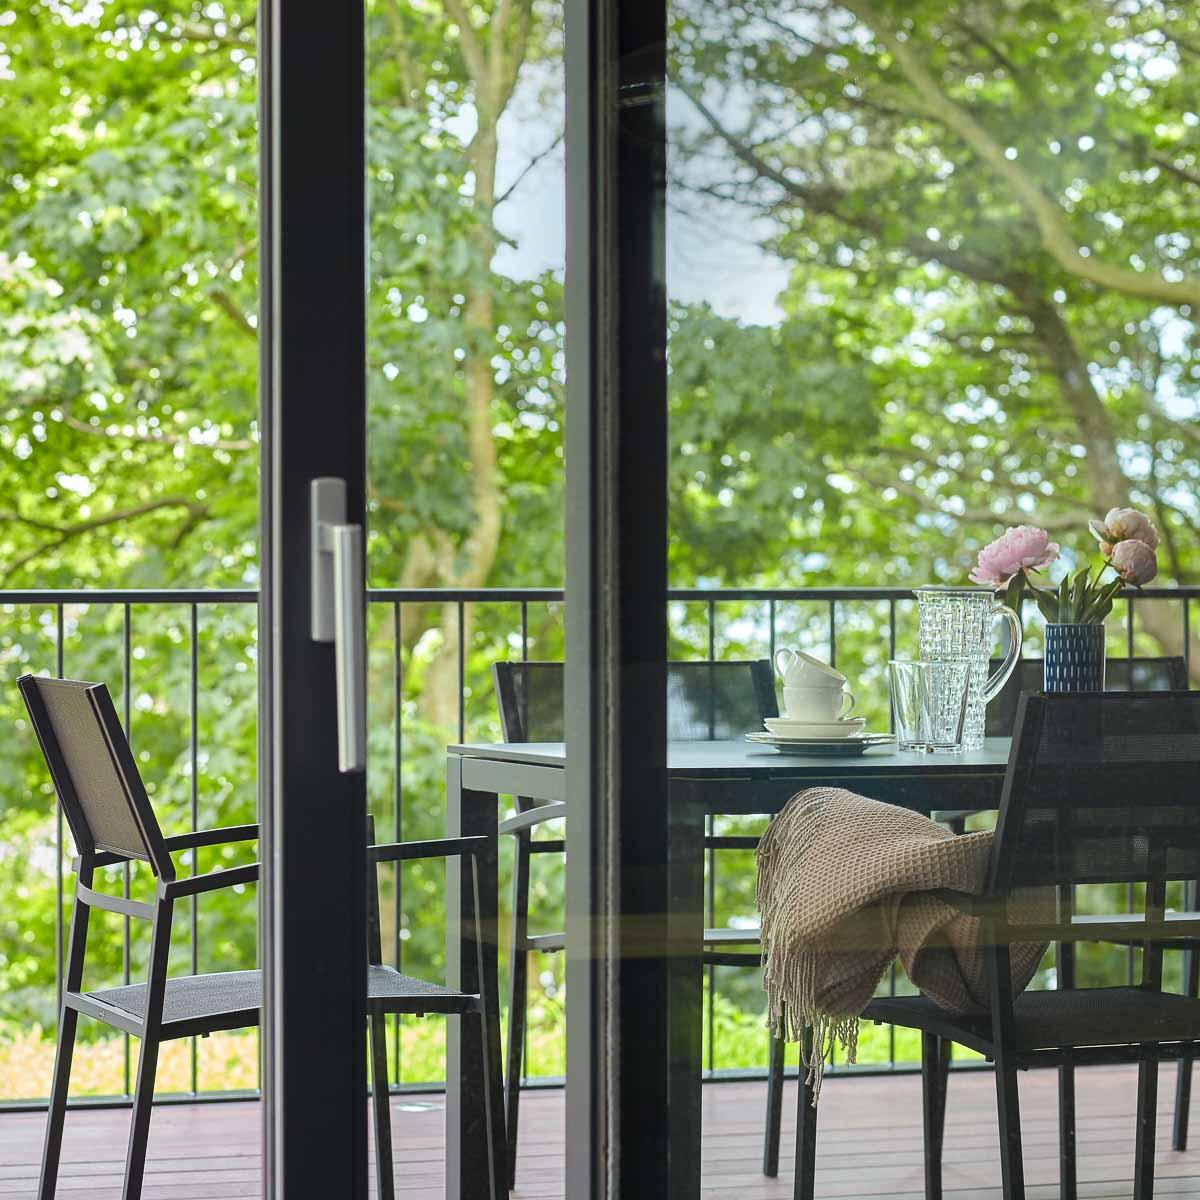 Ferienanlage Schwennauhof in Glücksburg, Glück in Sicht